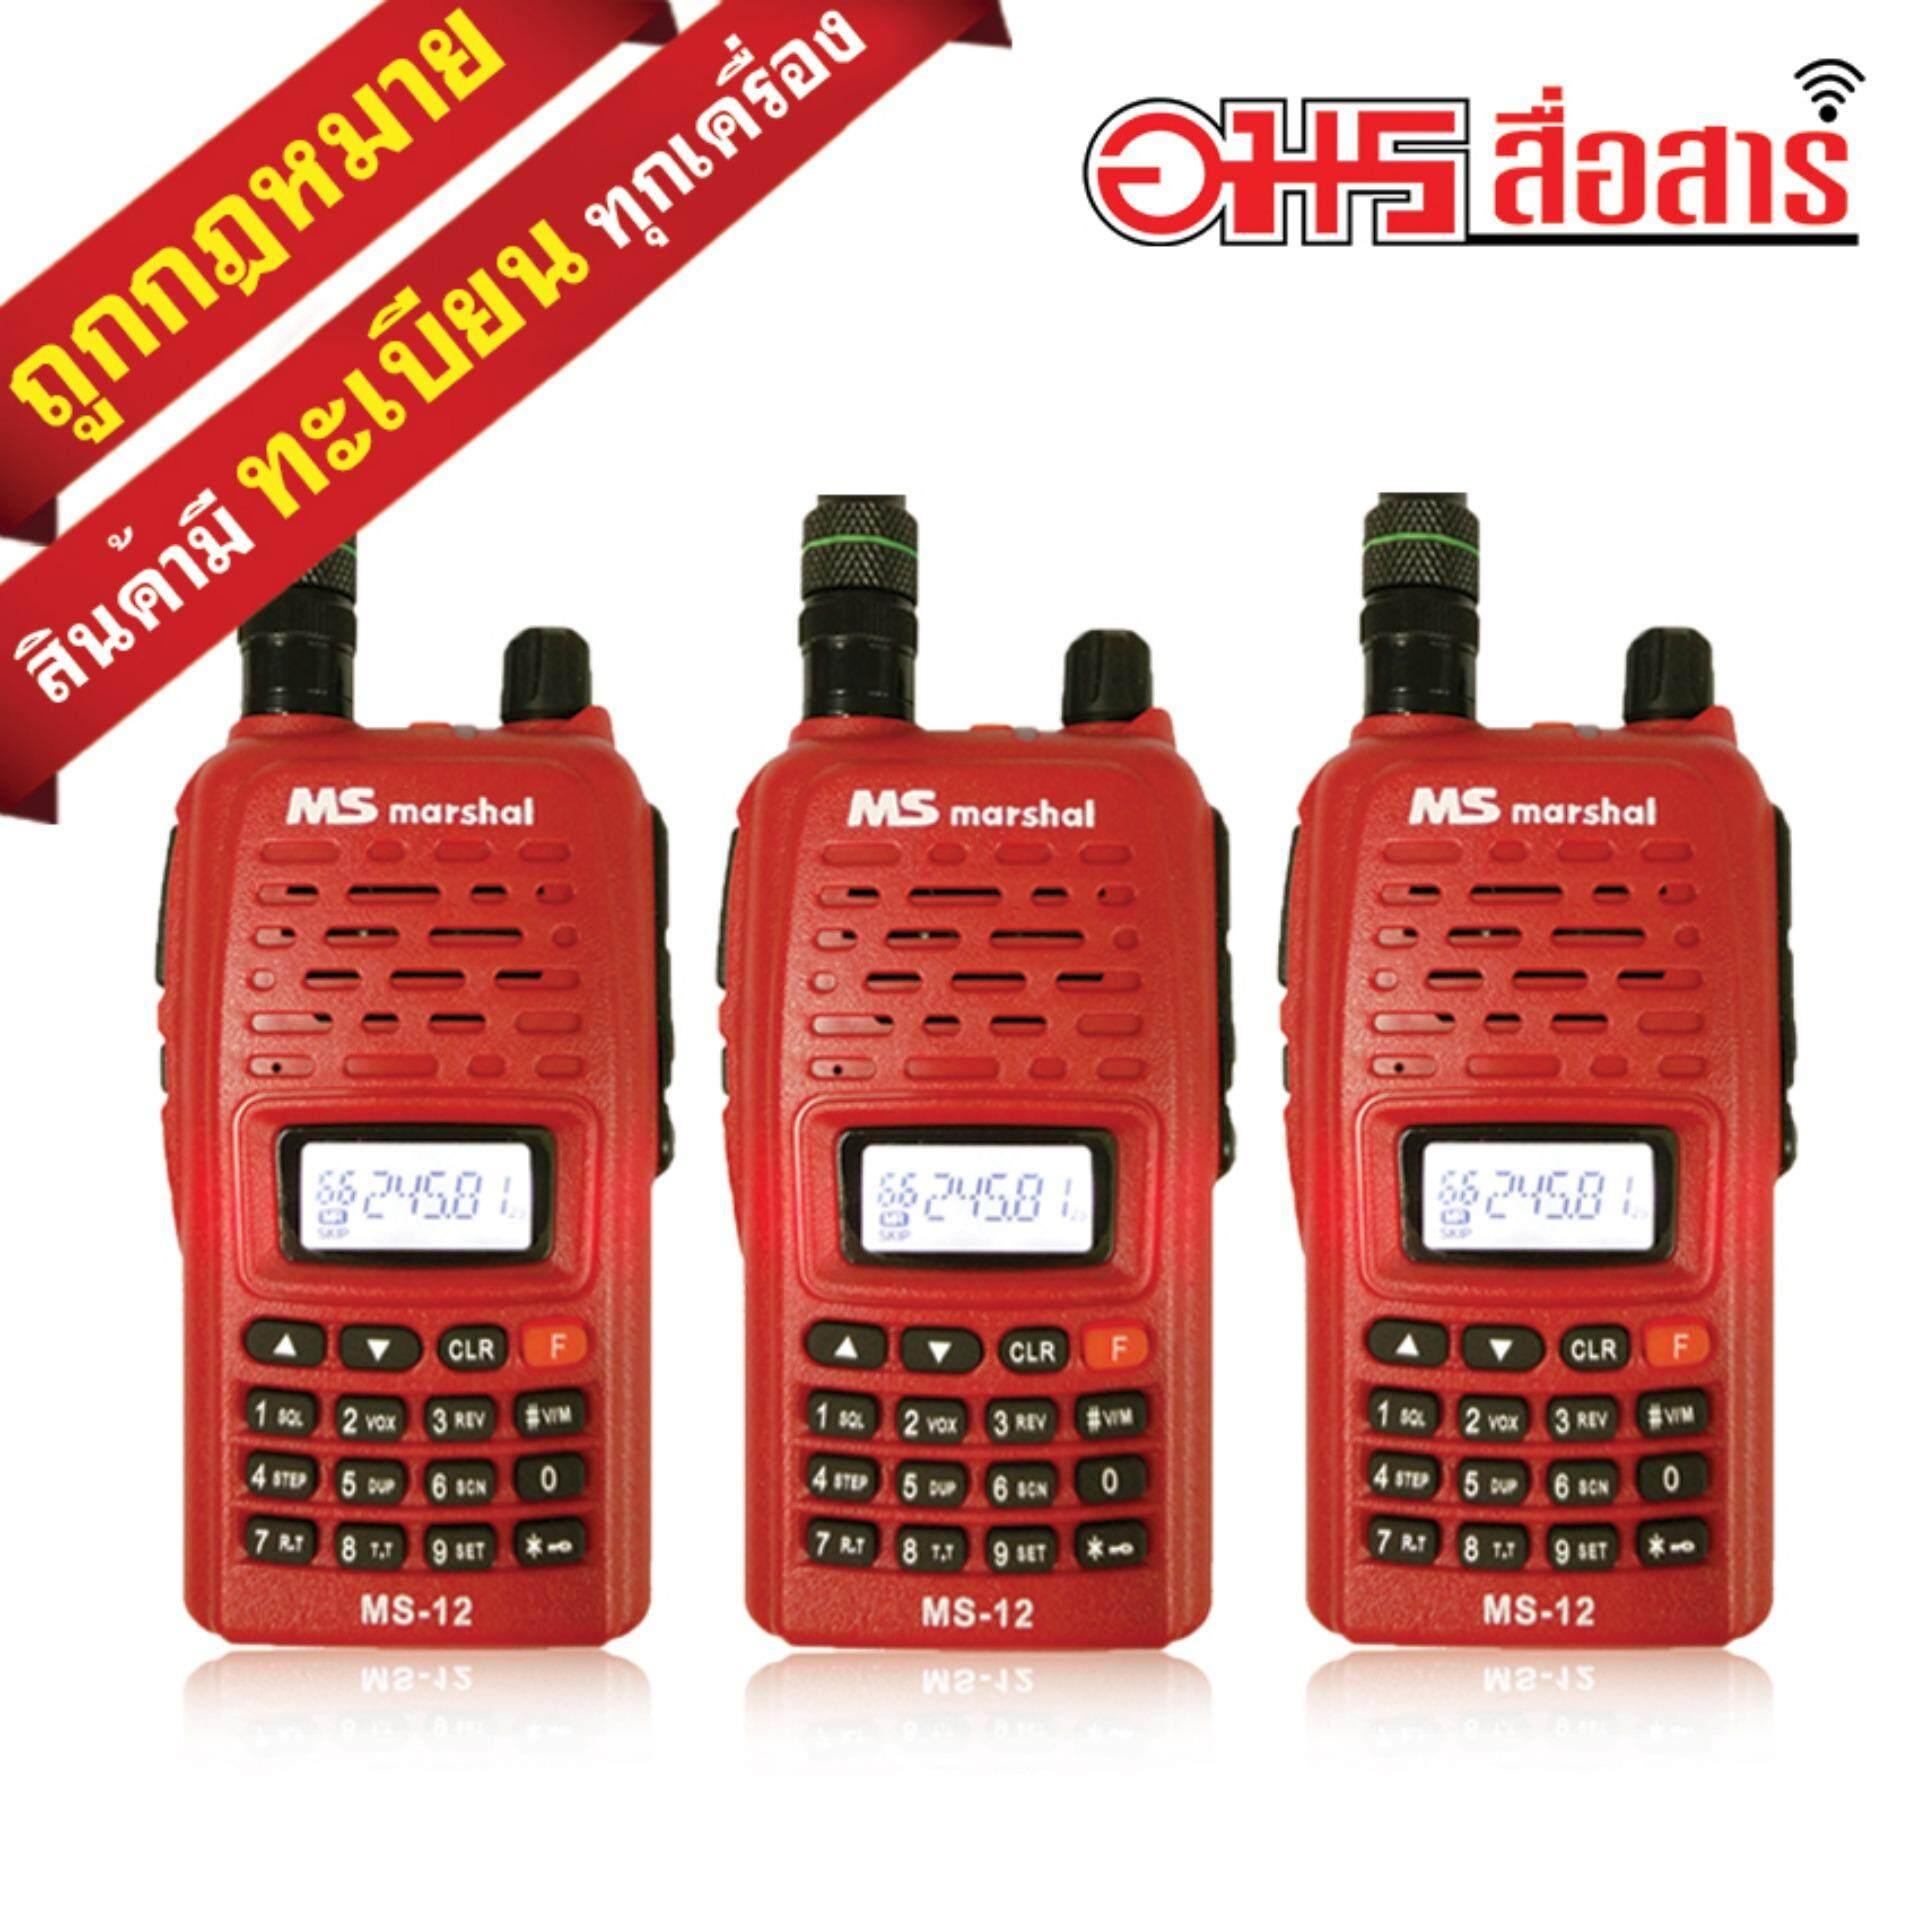 ราคา Ms Marshal วิทยุสื่อสาร 5W Ms 12 สีแดง แพ็คสาม Walkie Talkie Walkie Talkie อมรสื่อสาร เป็นต้นฉบับ